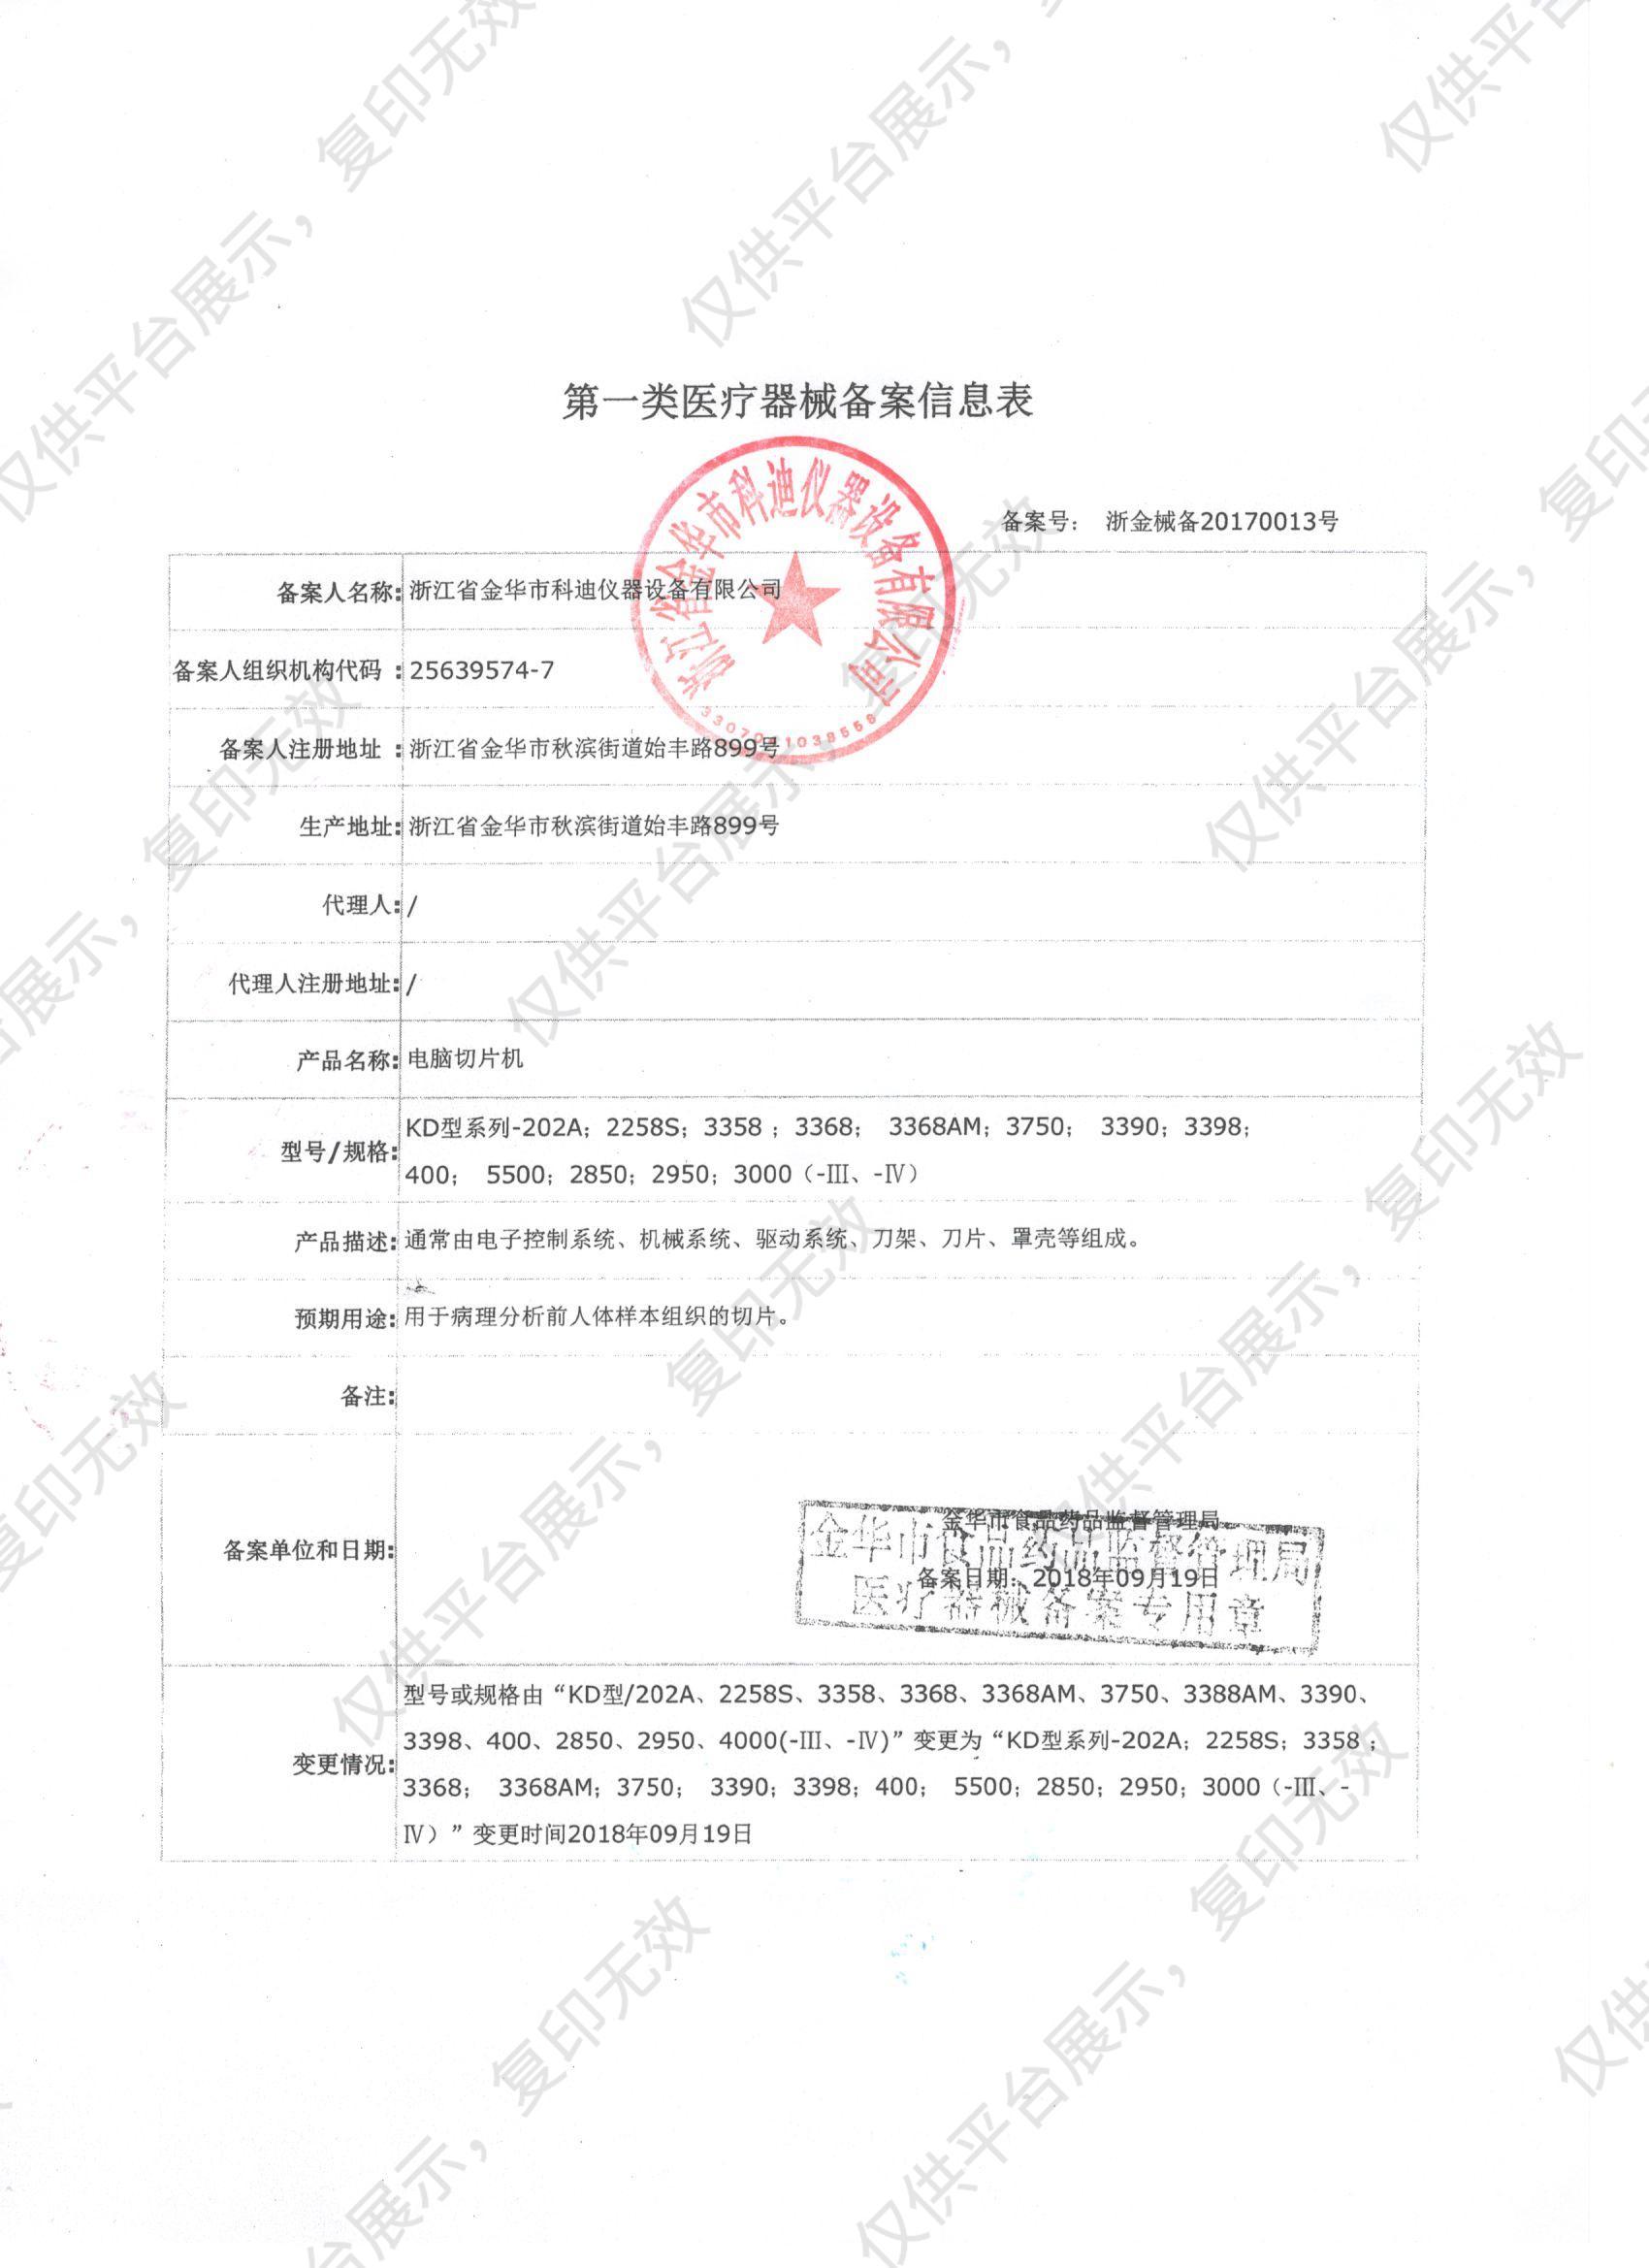 科迪 电脑切片机 KD-2950注册证